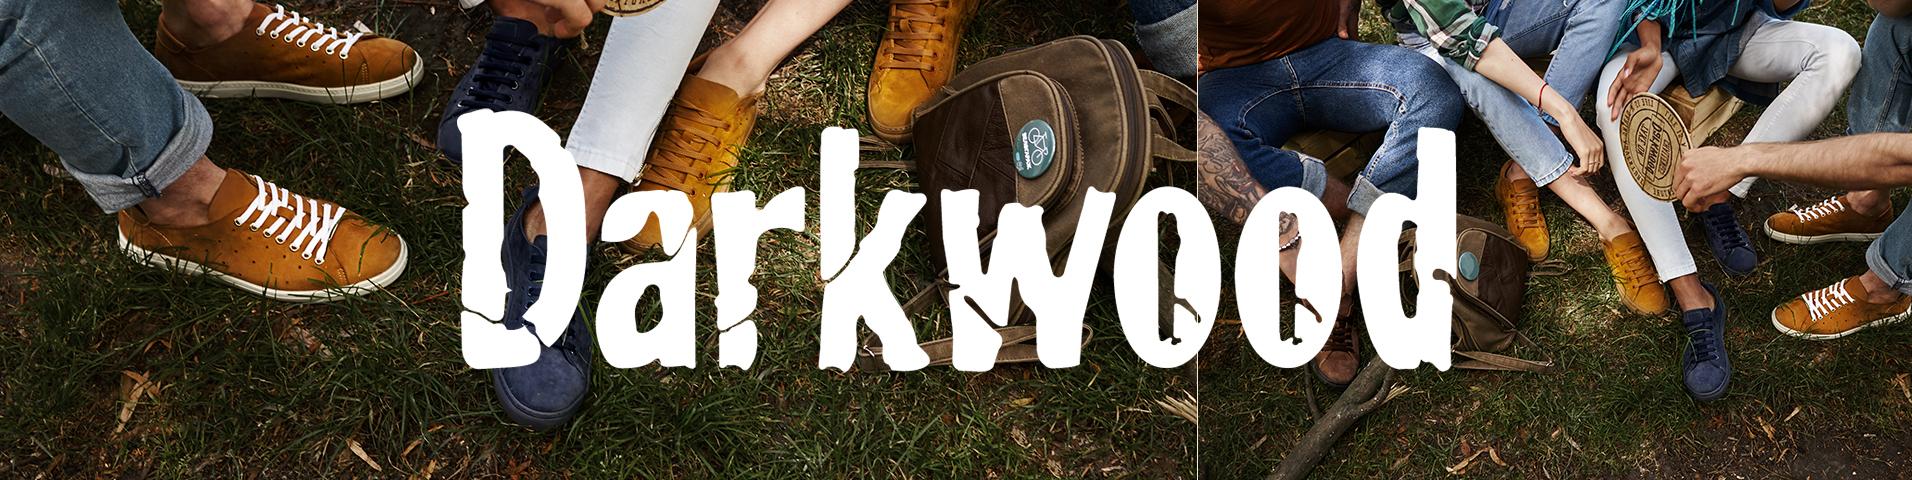 Boots & bottes homme Darkwood | Tous les articles chez Zalando